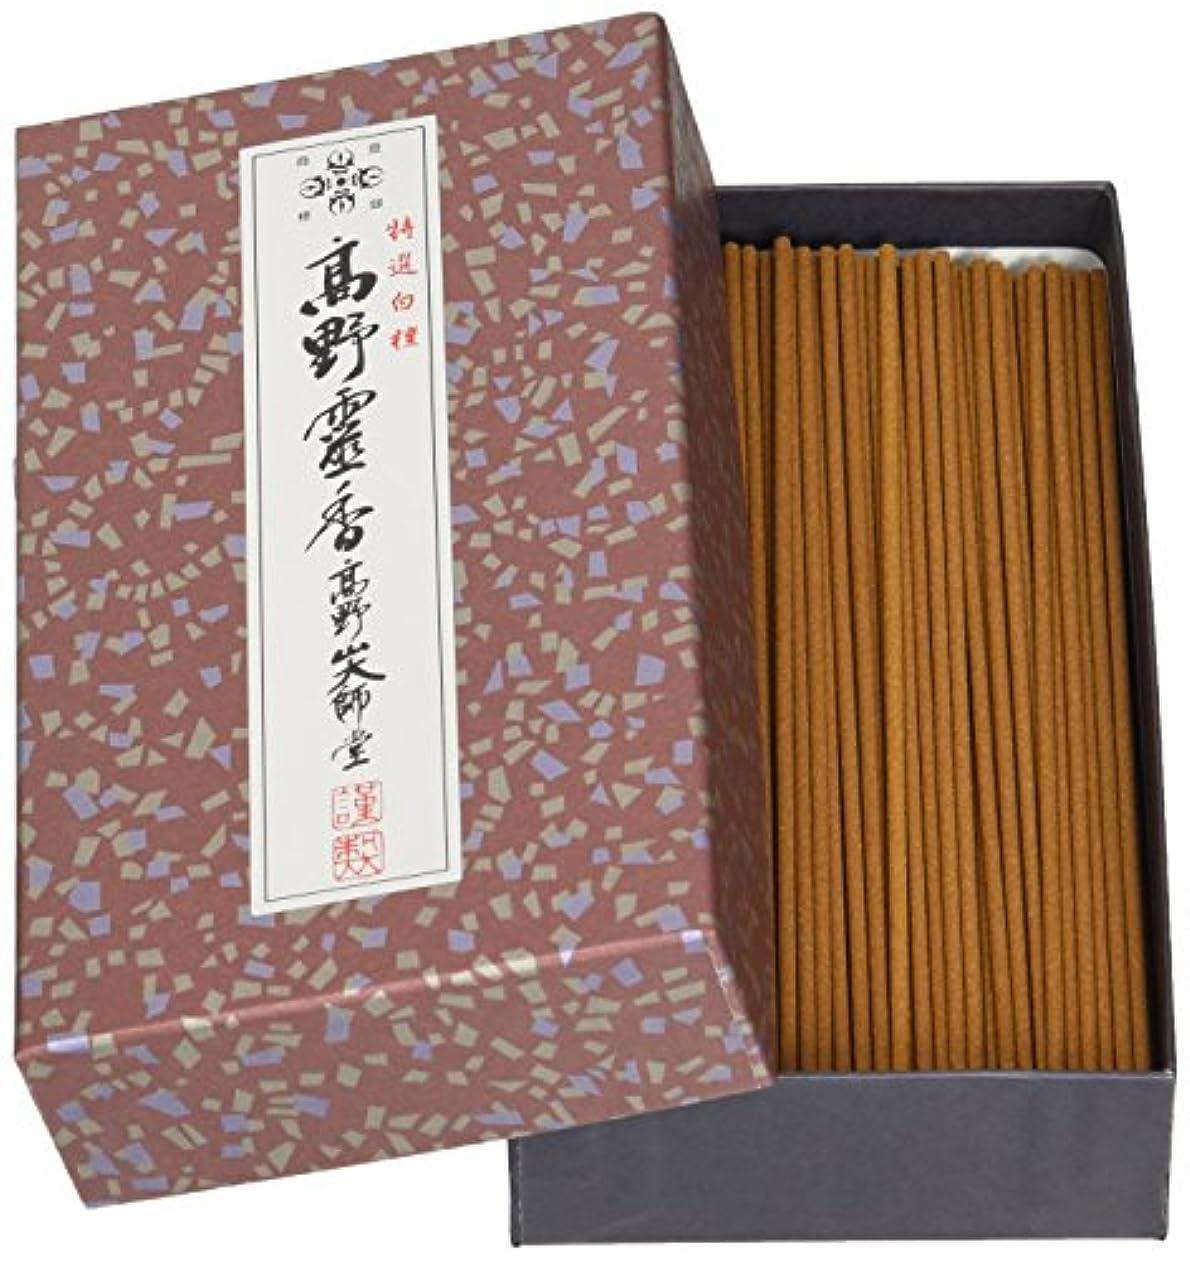 フィルタ医療のハロウィン高野山のお線香 特選白檀高野霊香 5寸13cm 大箱